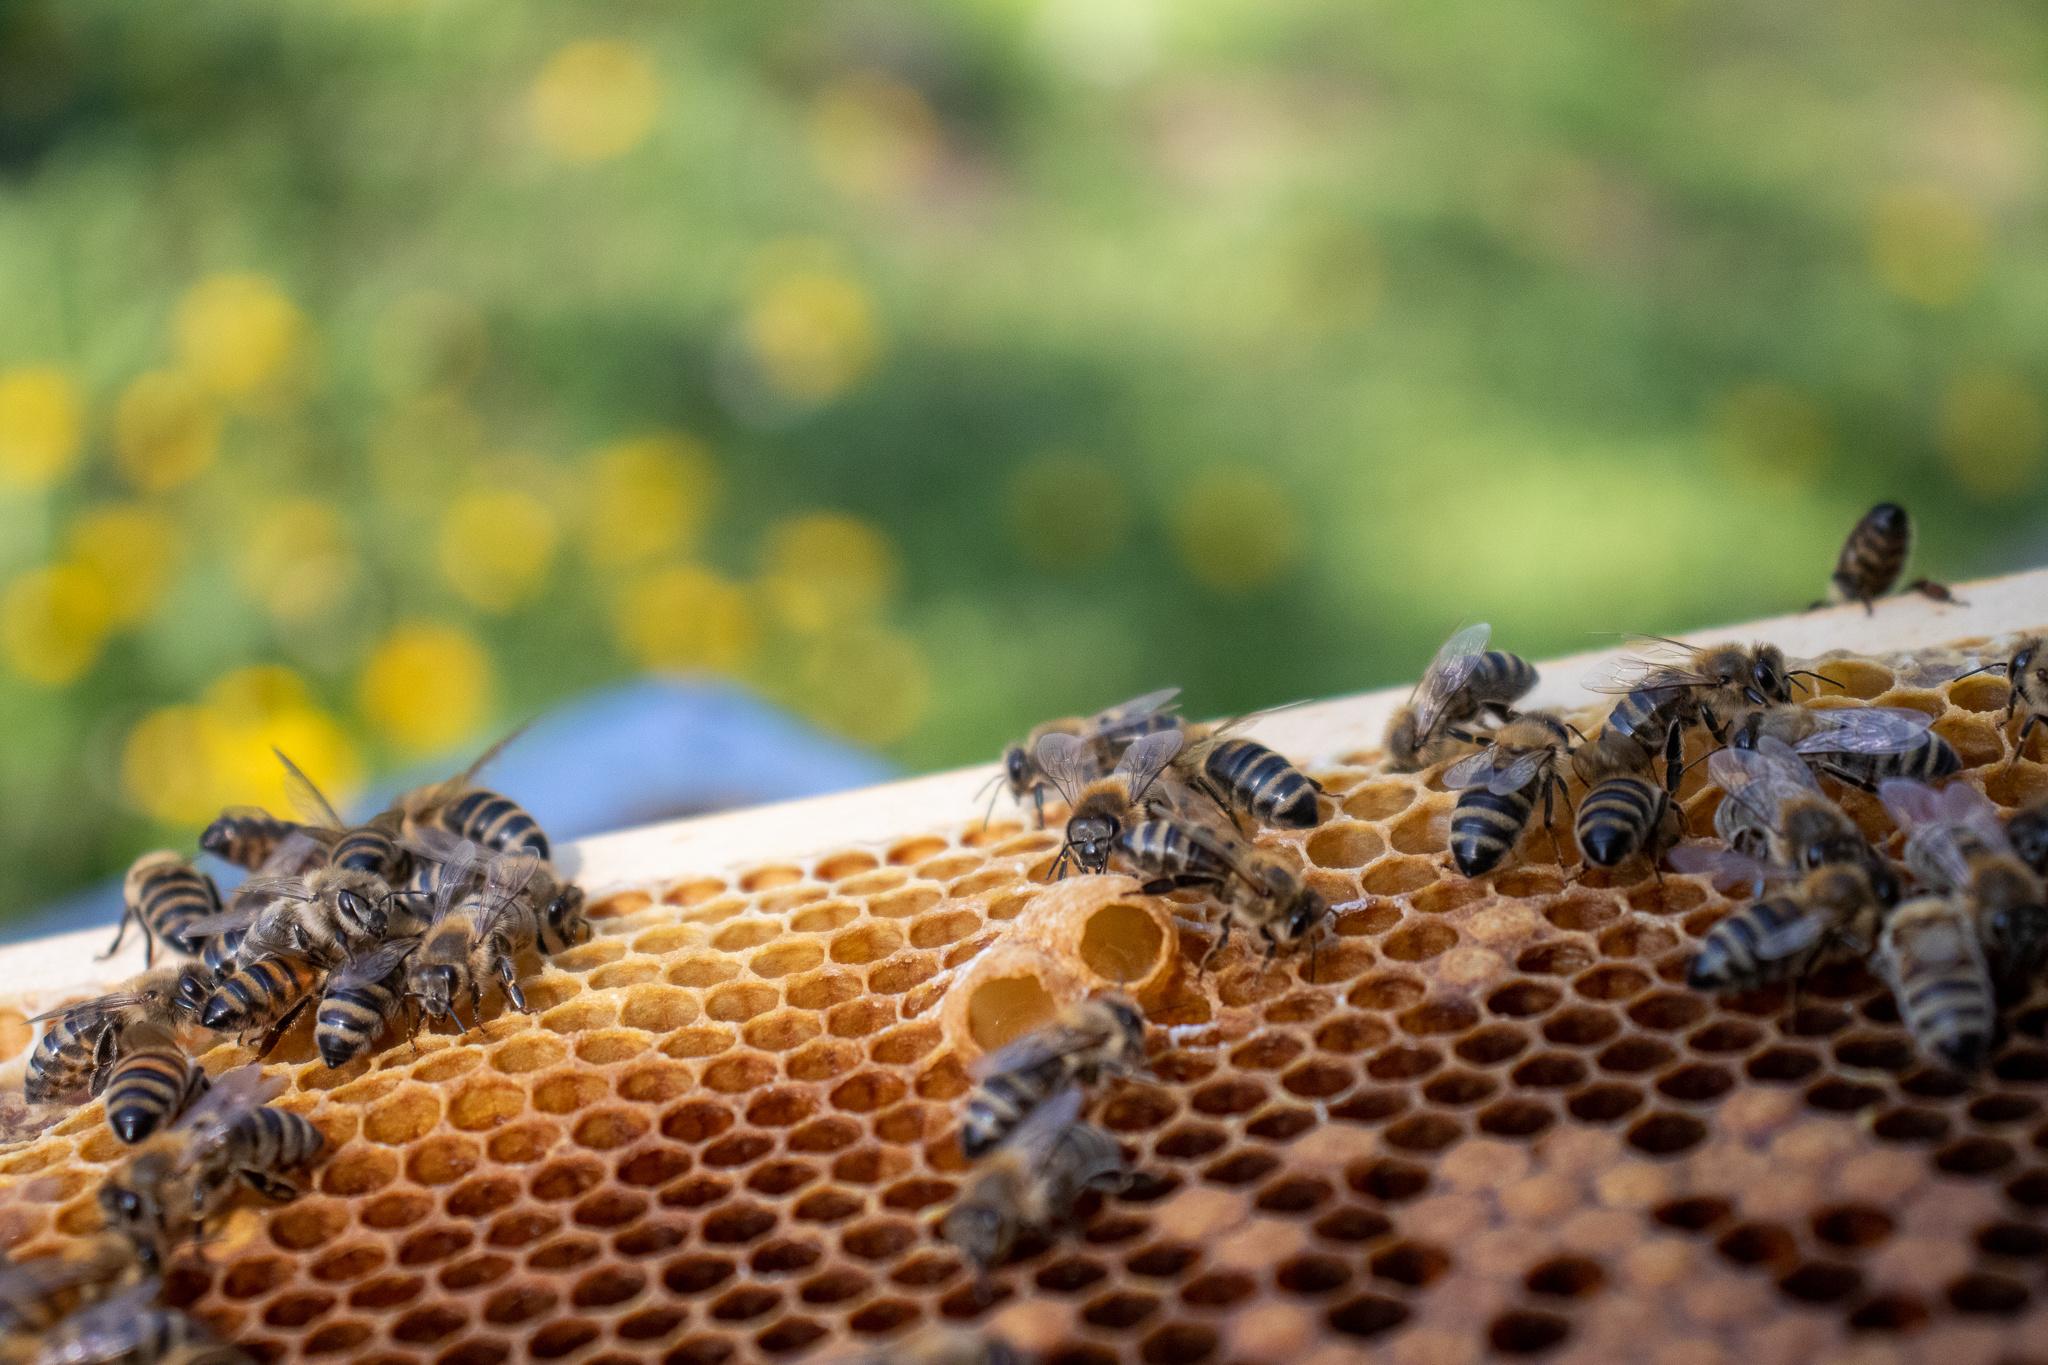 Steunpakket 'schatten uit de bijenkast'-1